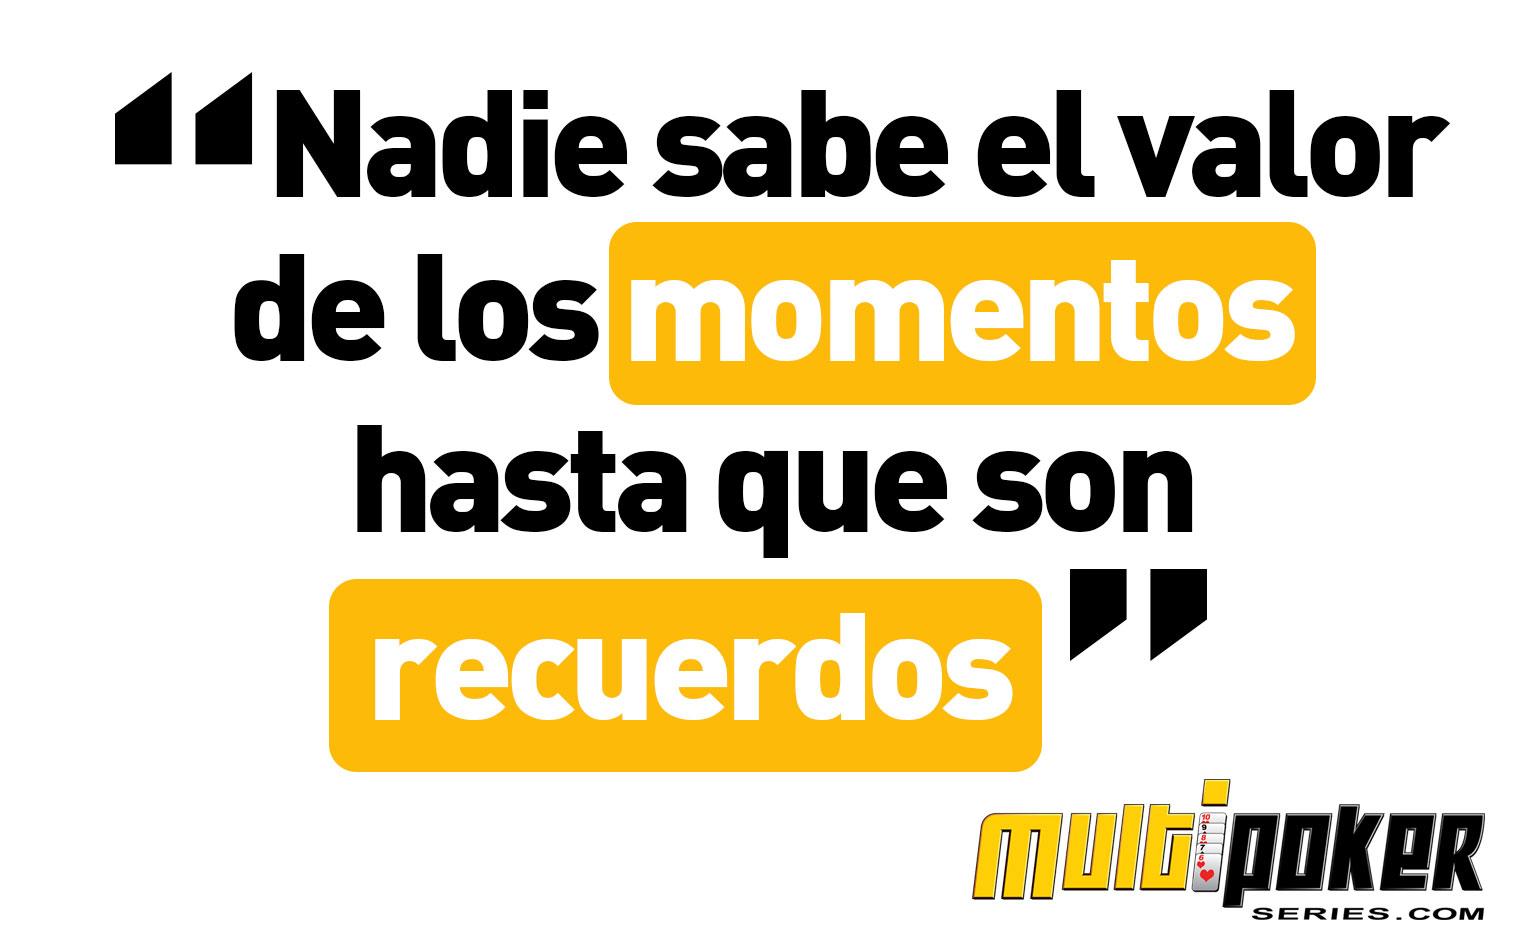 Nadie sabe el valor de los momentos hasta que son recuerdos.